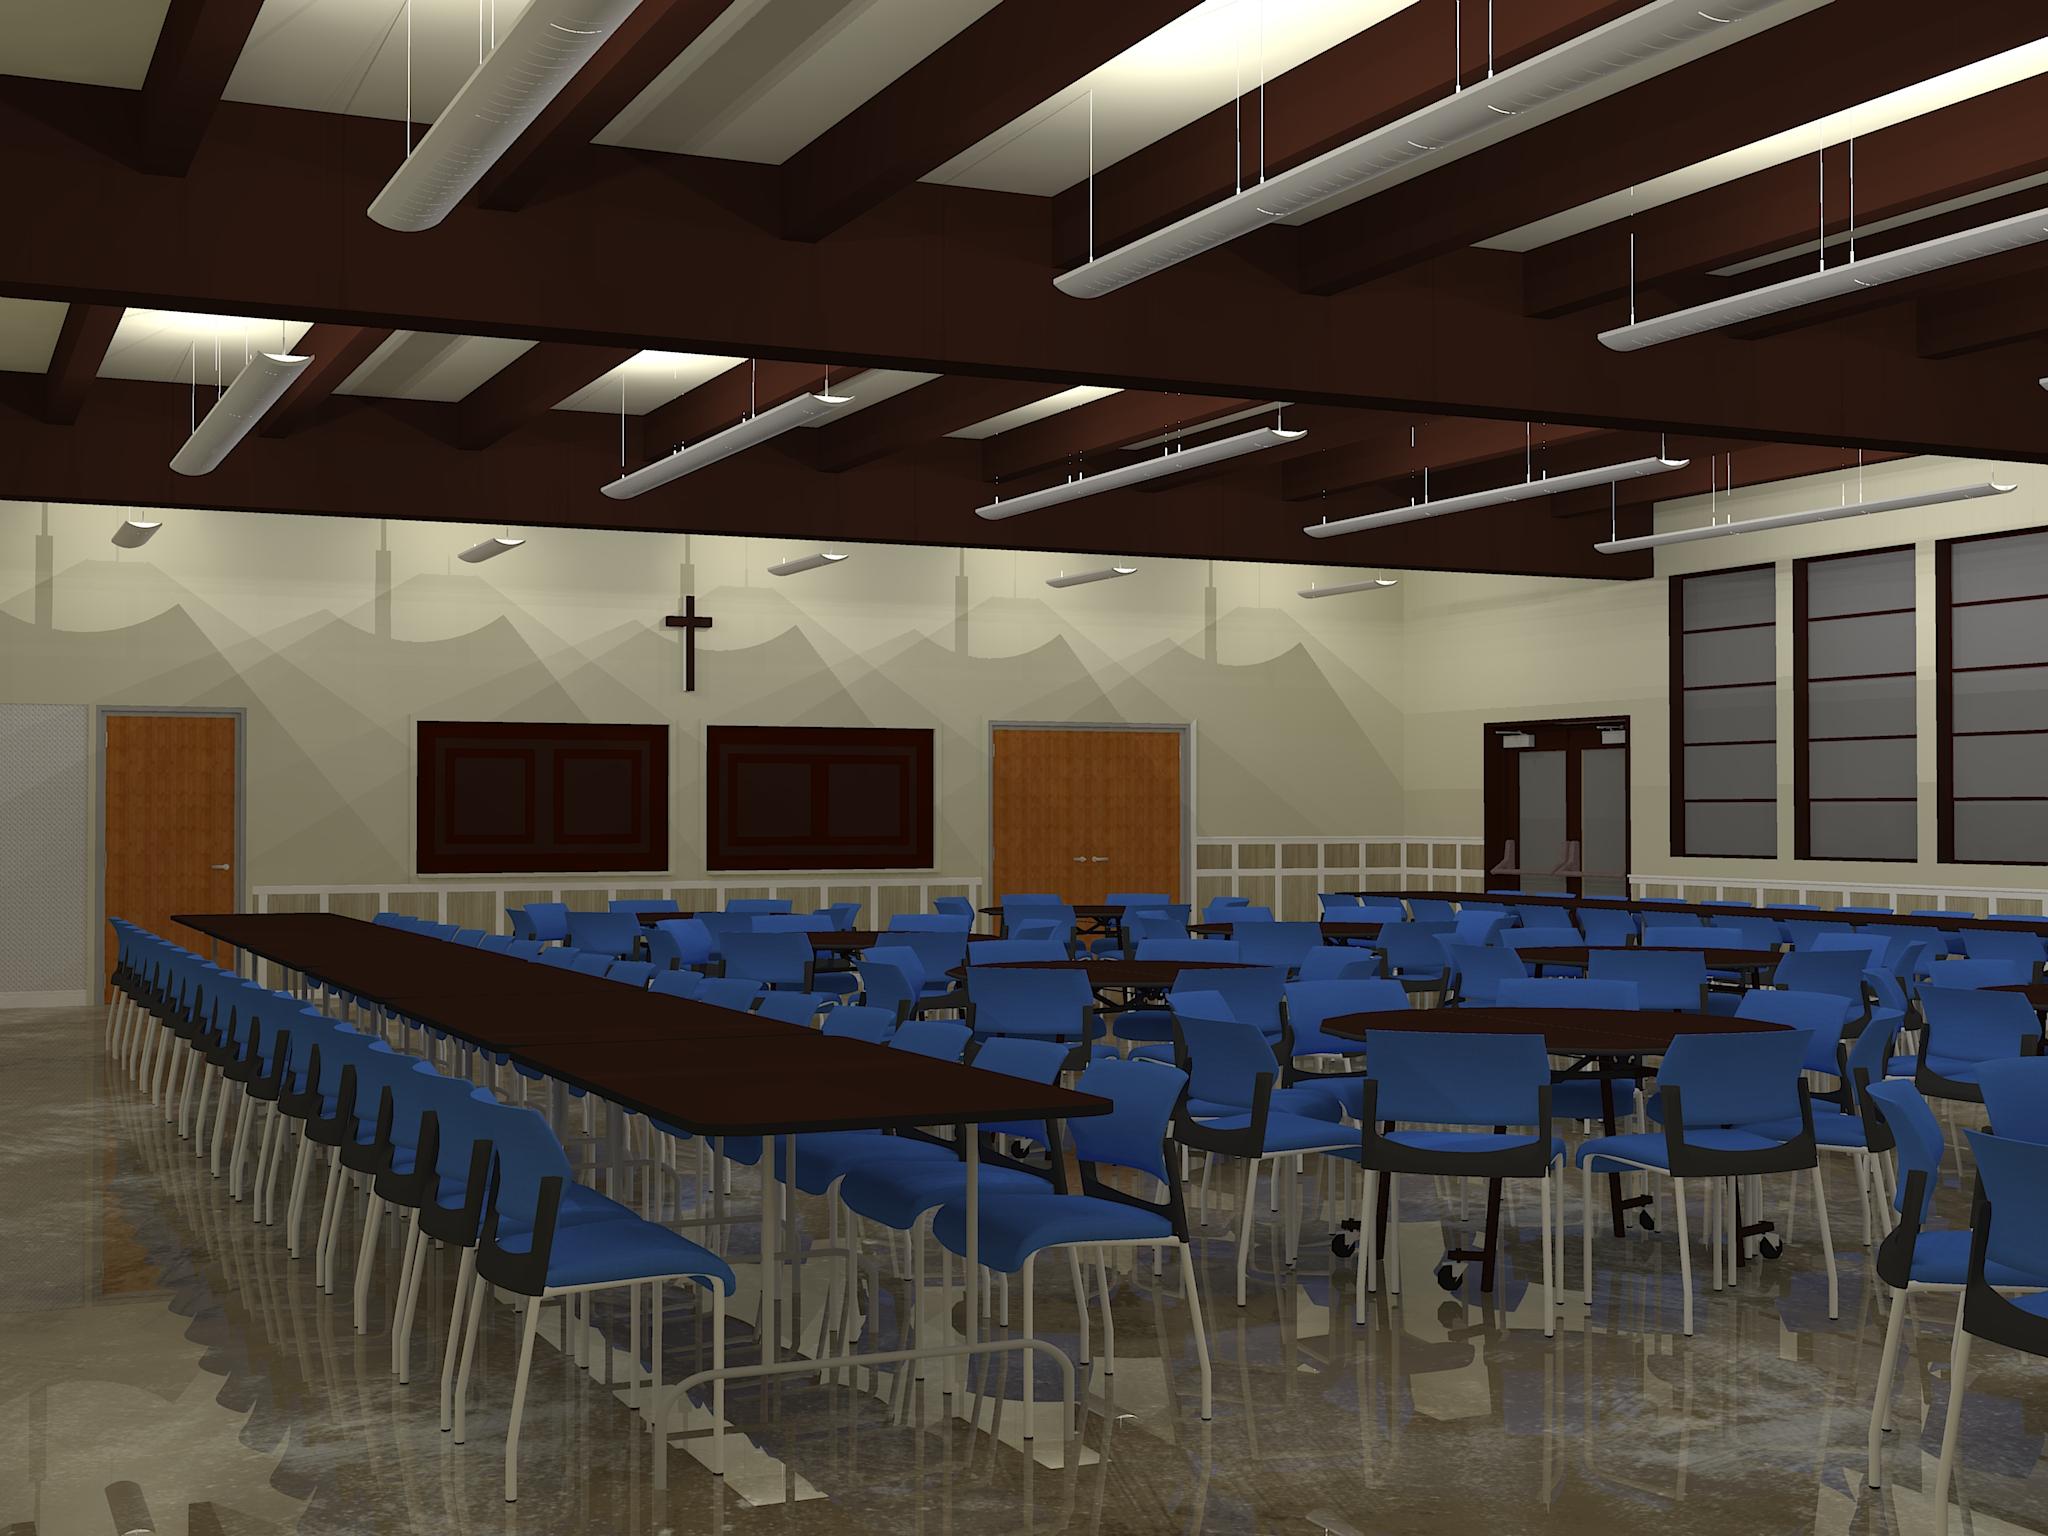 St. Ignatius School - Cafeteria